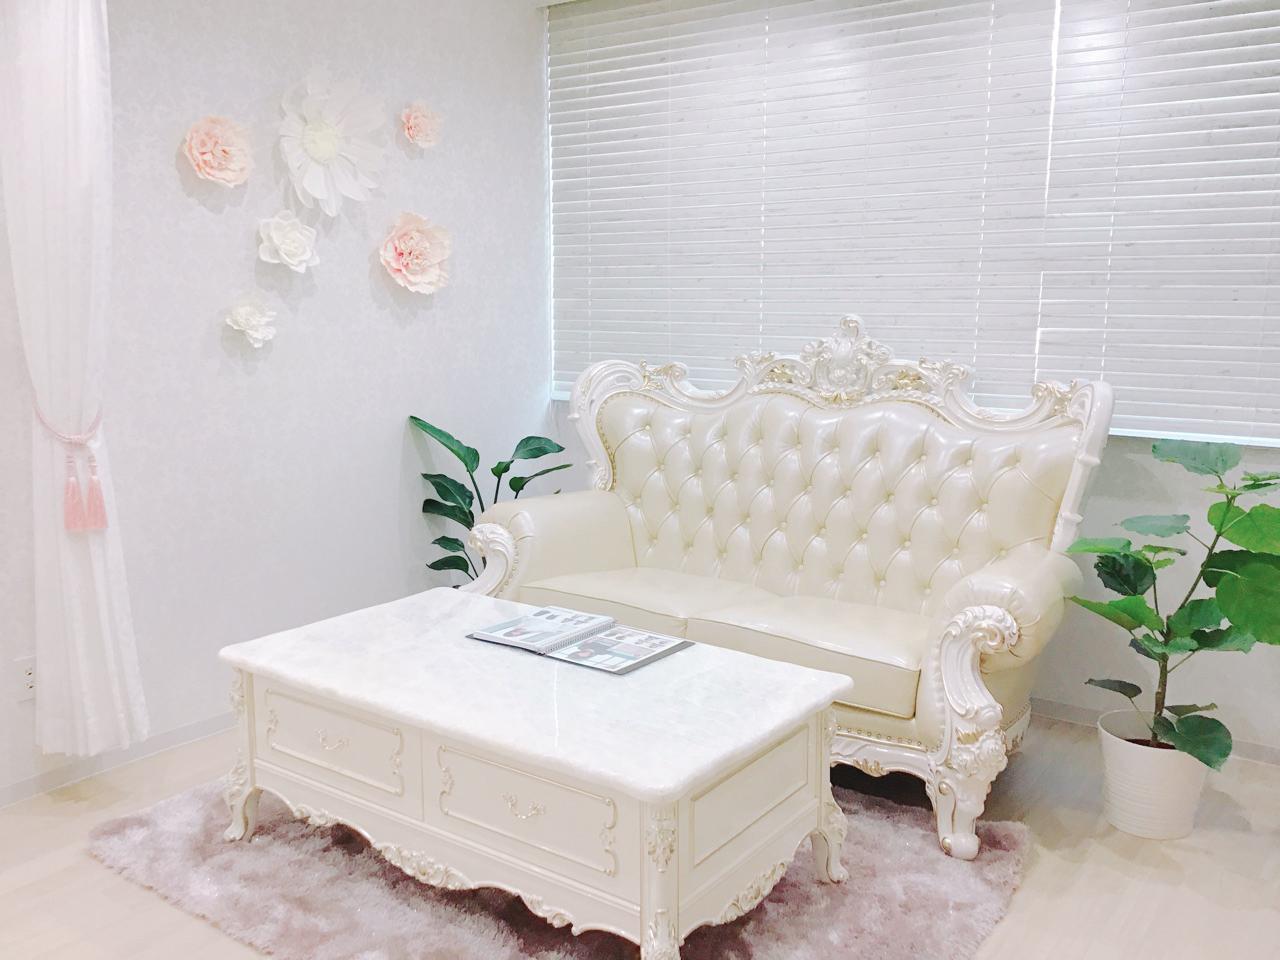 名古屋サロン店舗画像03 待合室